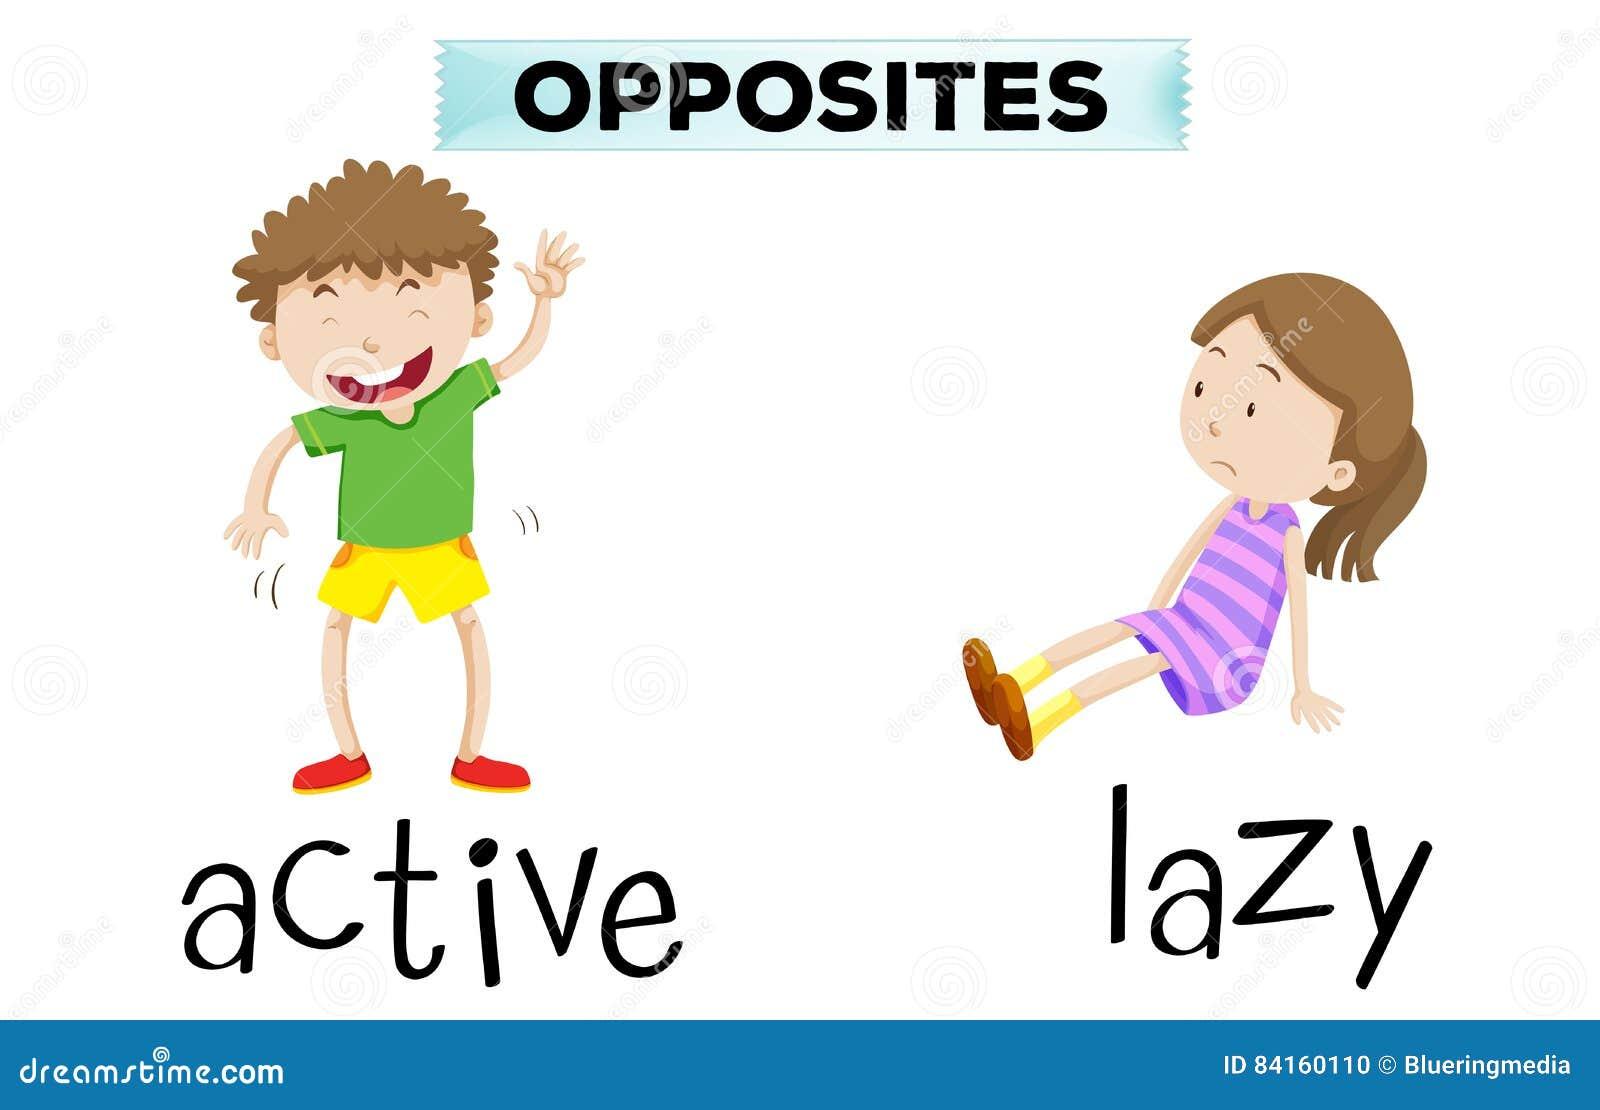 Palabras opuestas para activo y perezoso